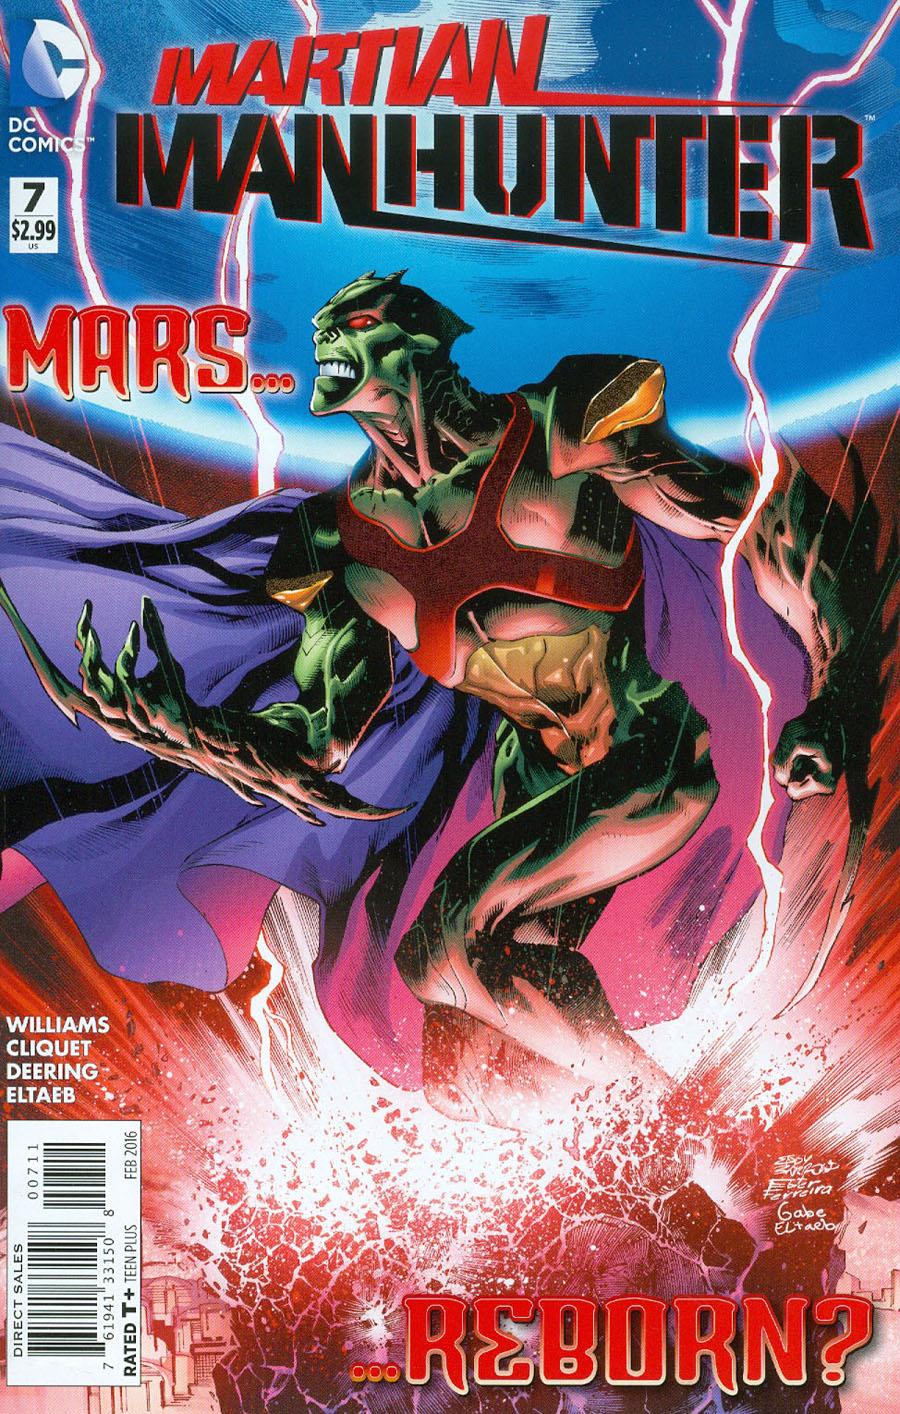 Martian Manhunter Vol 4 #7